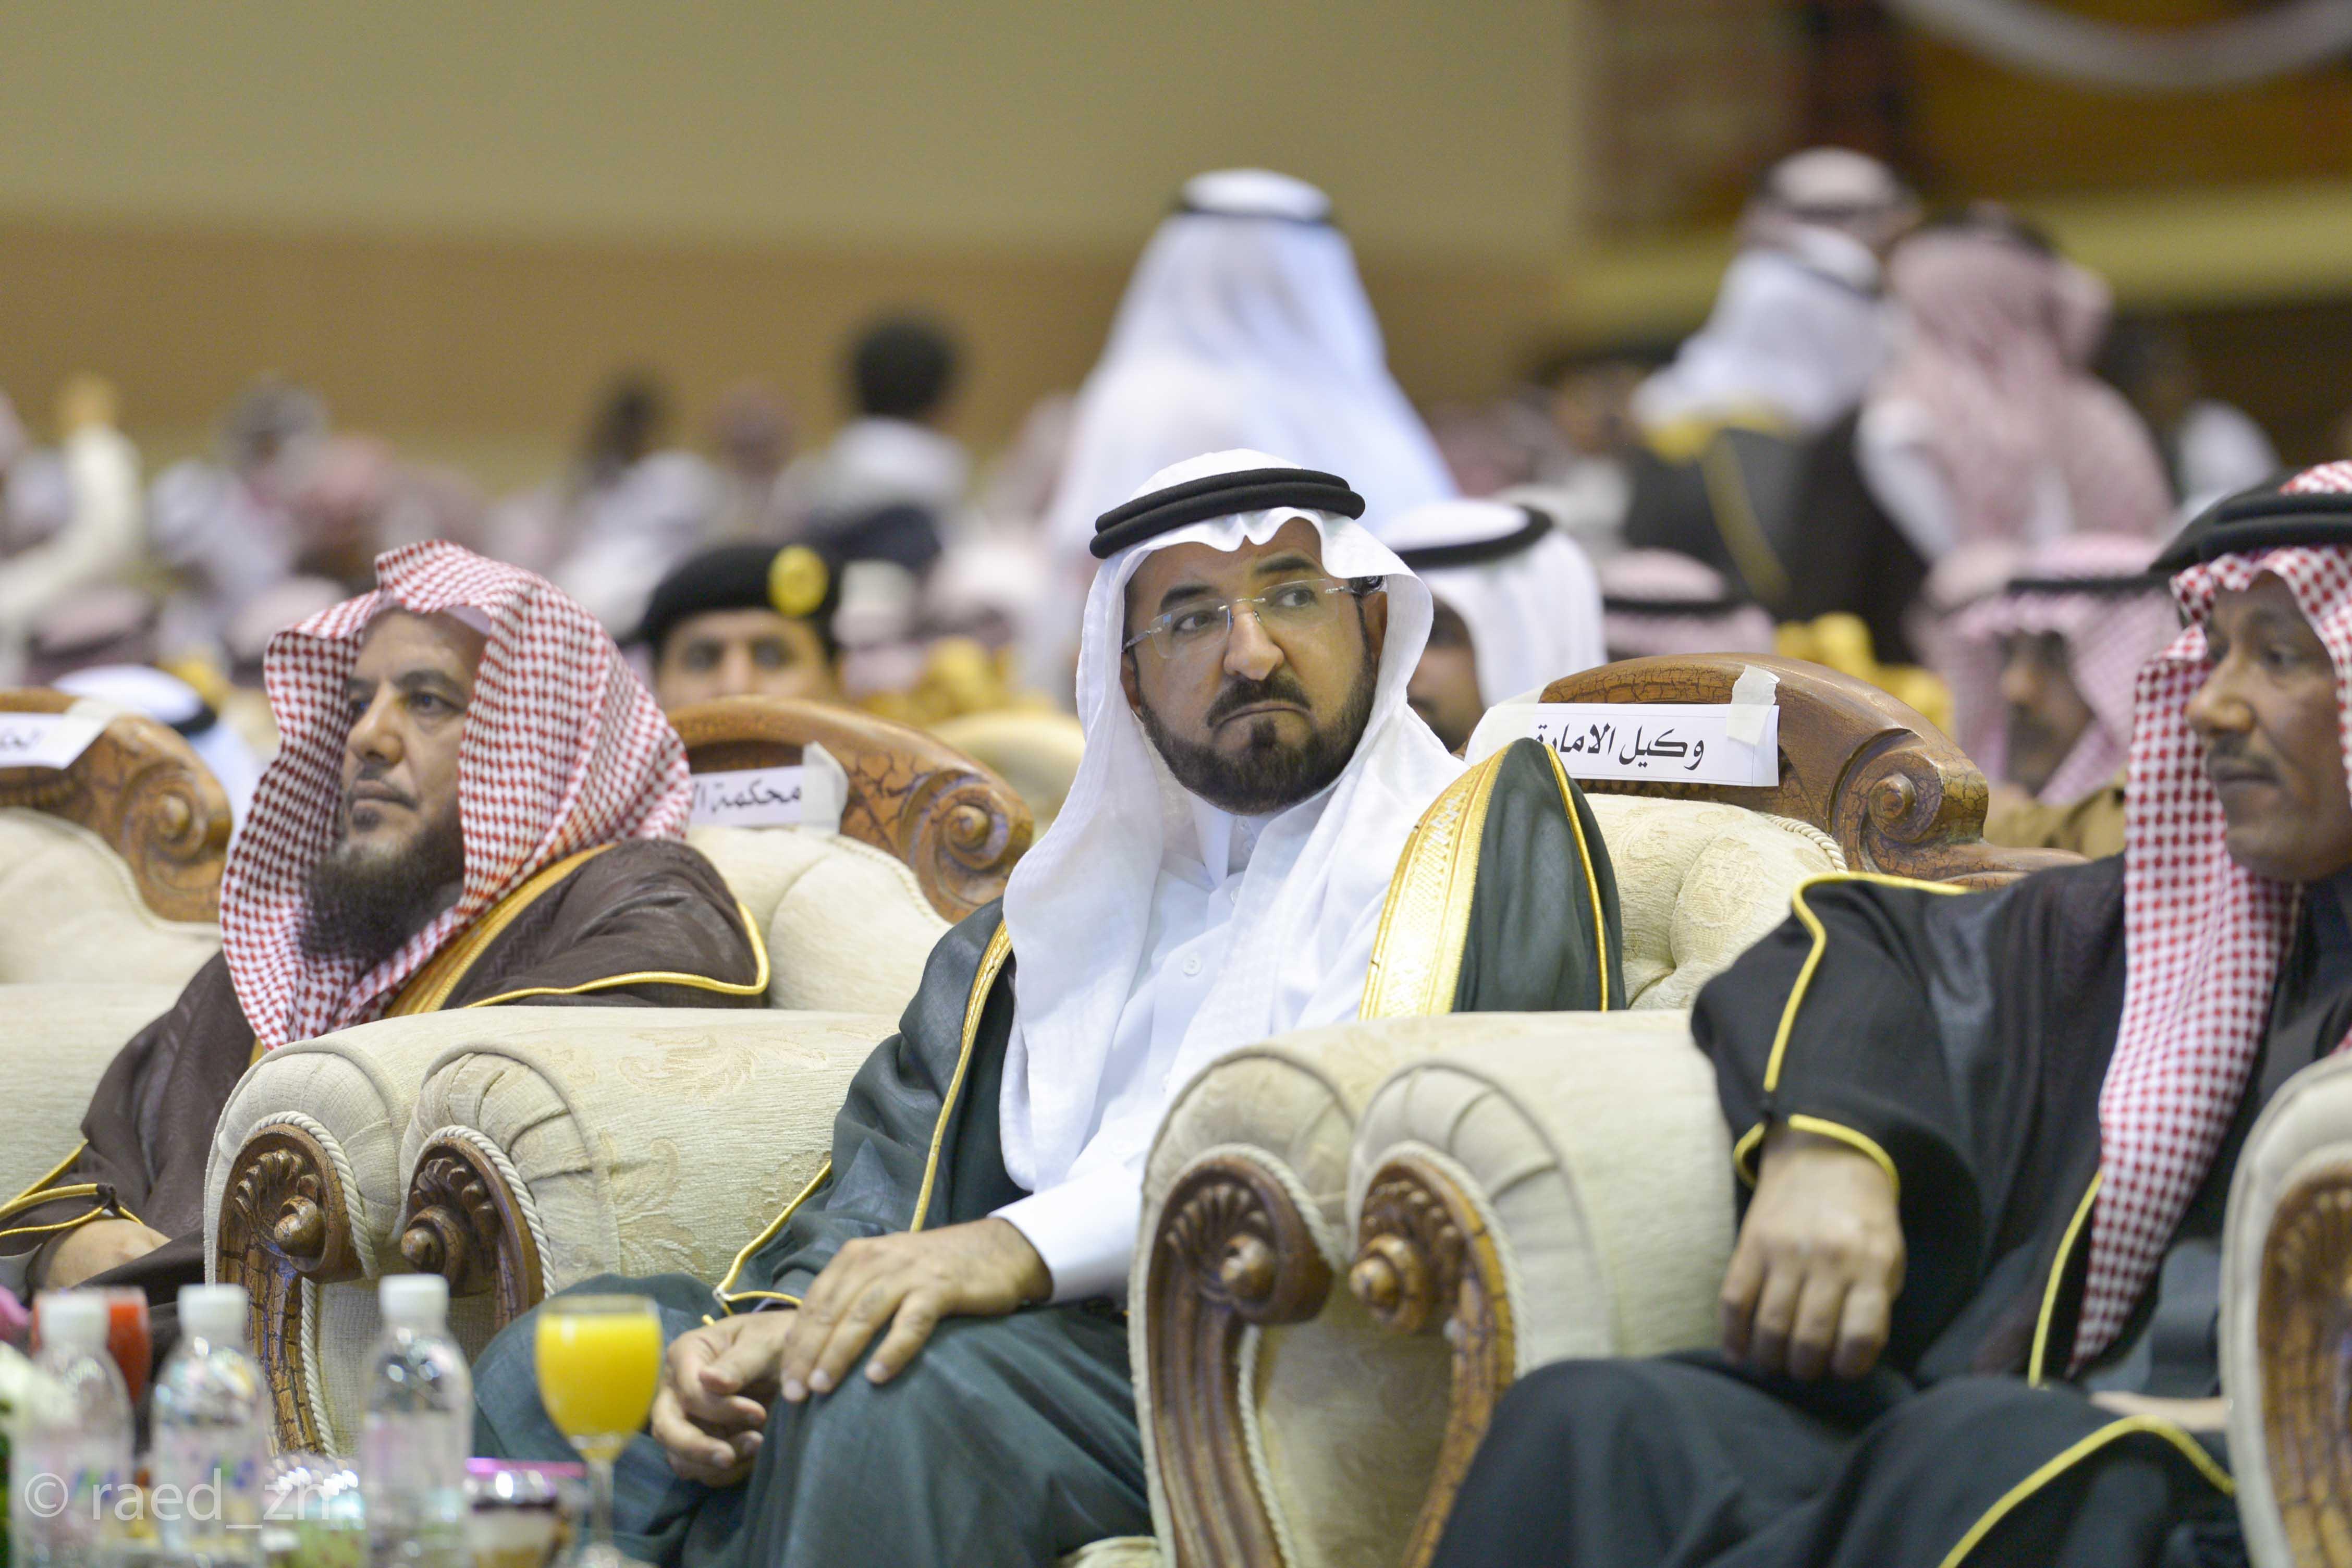 امير الباحة يرعى تخريج الدفعة العاشرة من طلاب وطالبات جامعة الباحة (11)